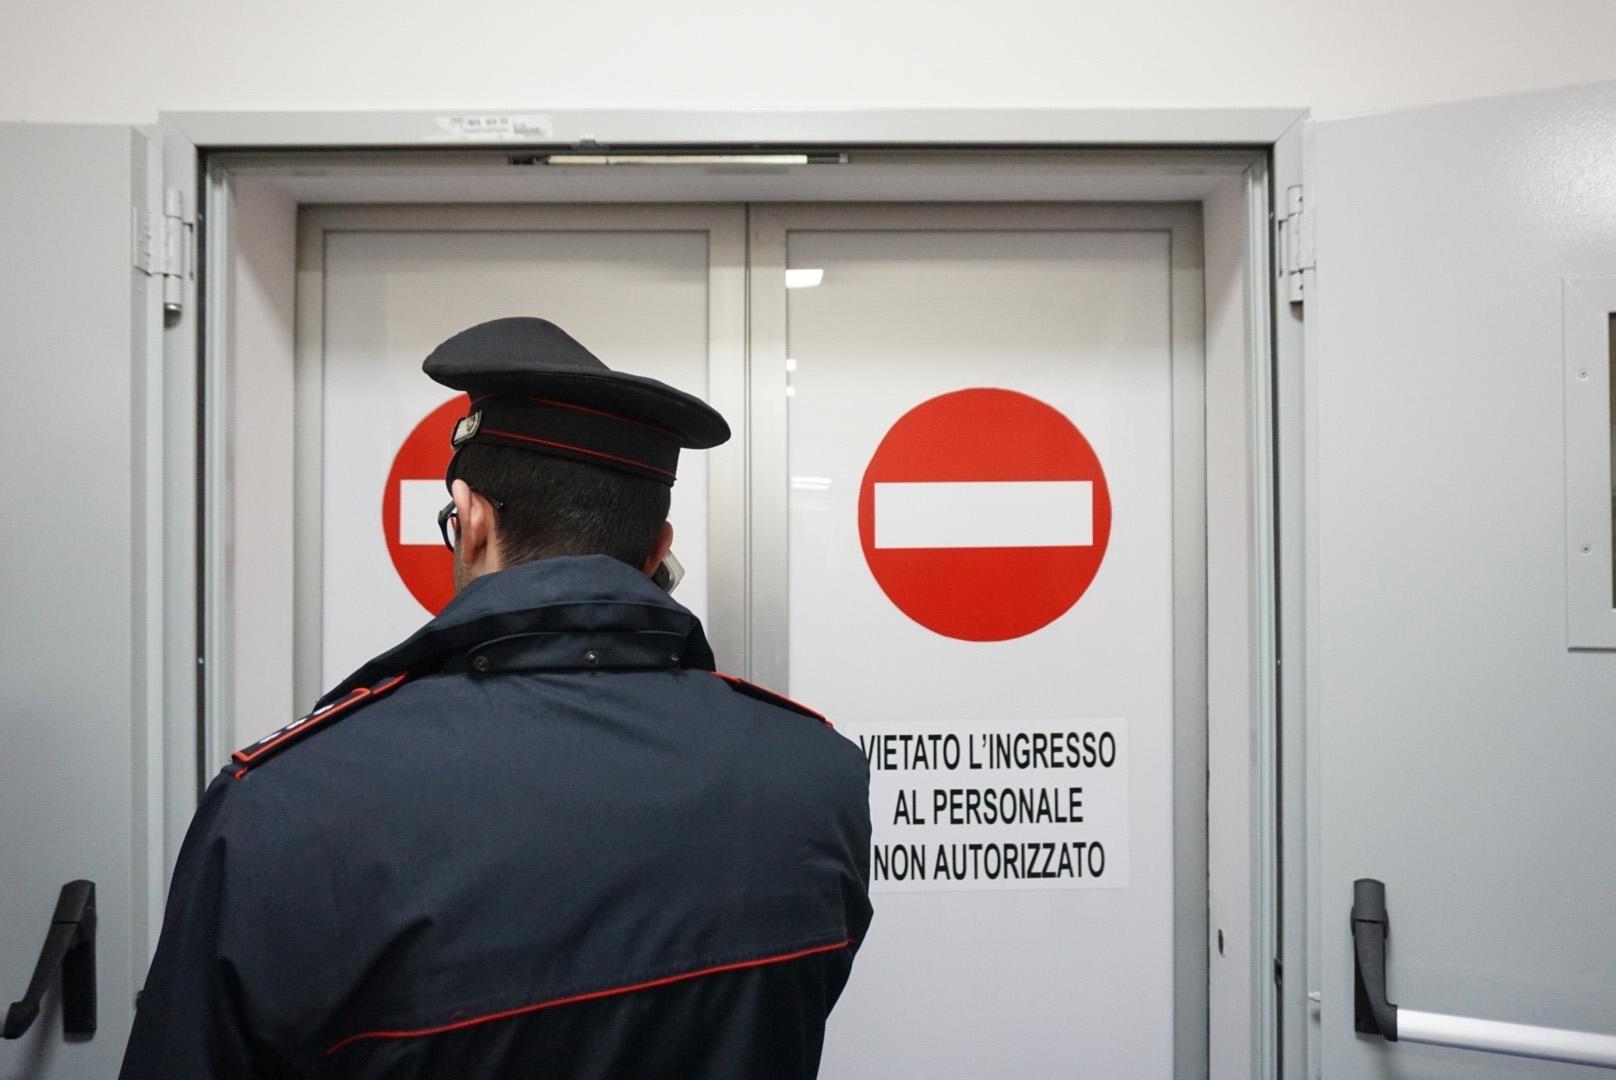 carabinieri-allospedale-santa-maria-della-pieta-di-nola-foto-ansa